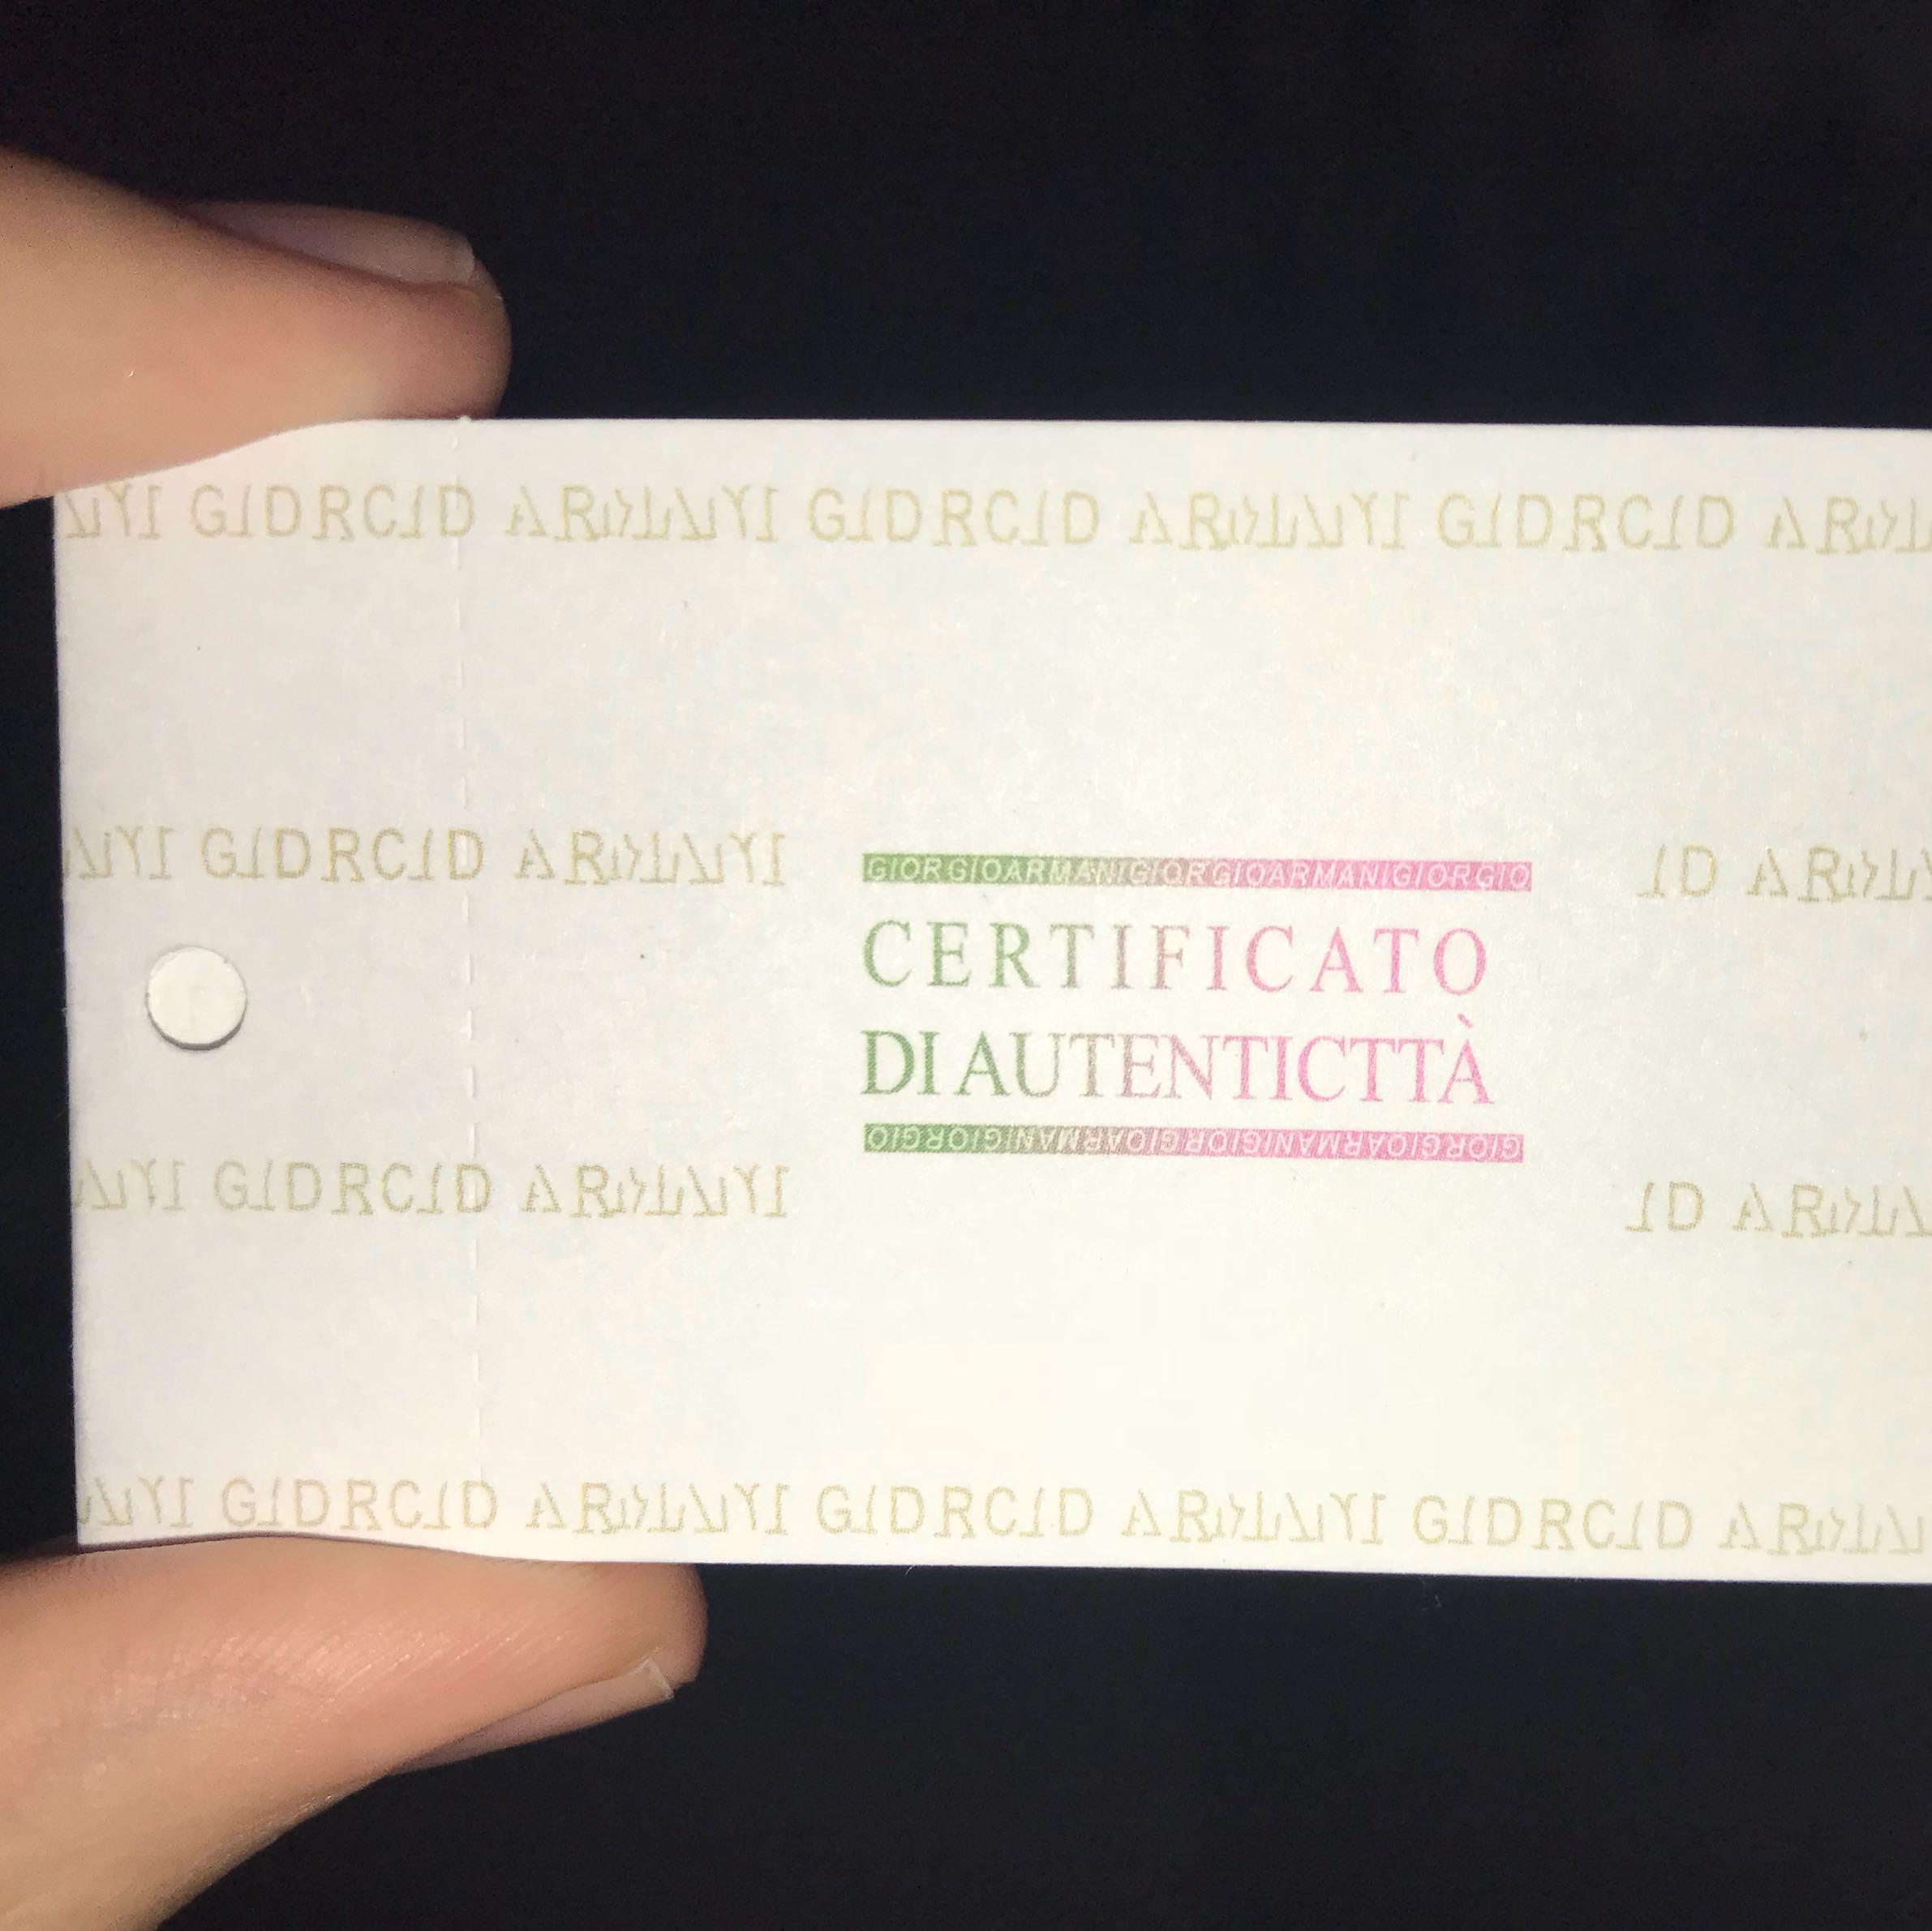 Ist dieses Zertifikat von Armani gefälscht? (Uhr, Faelschung)